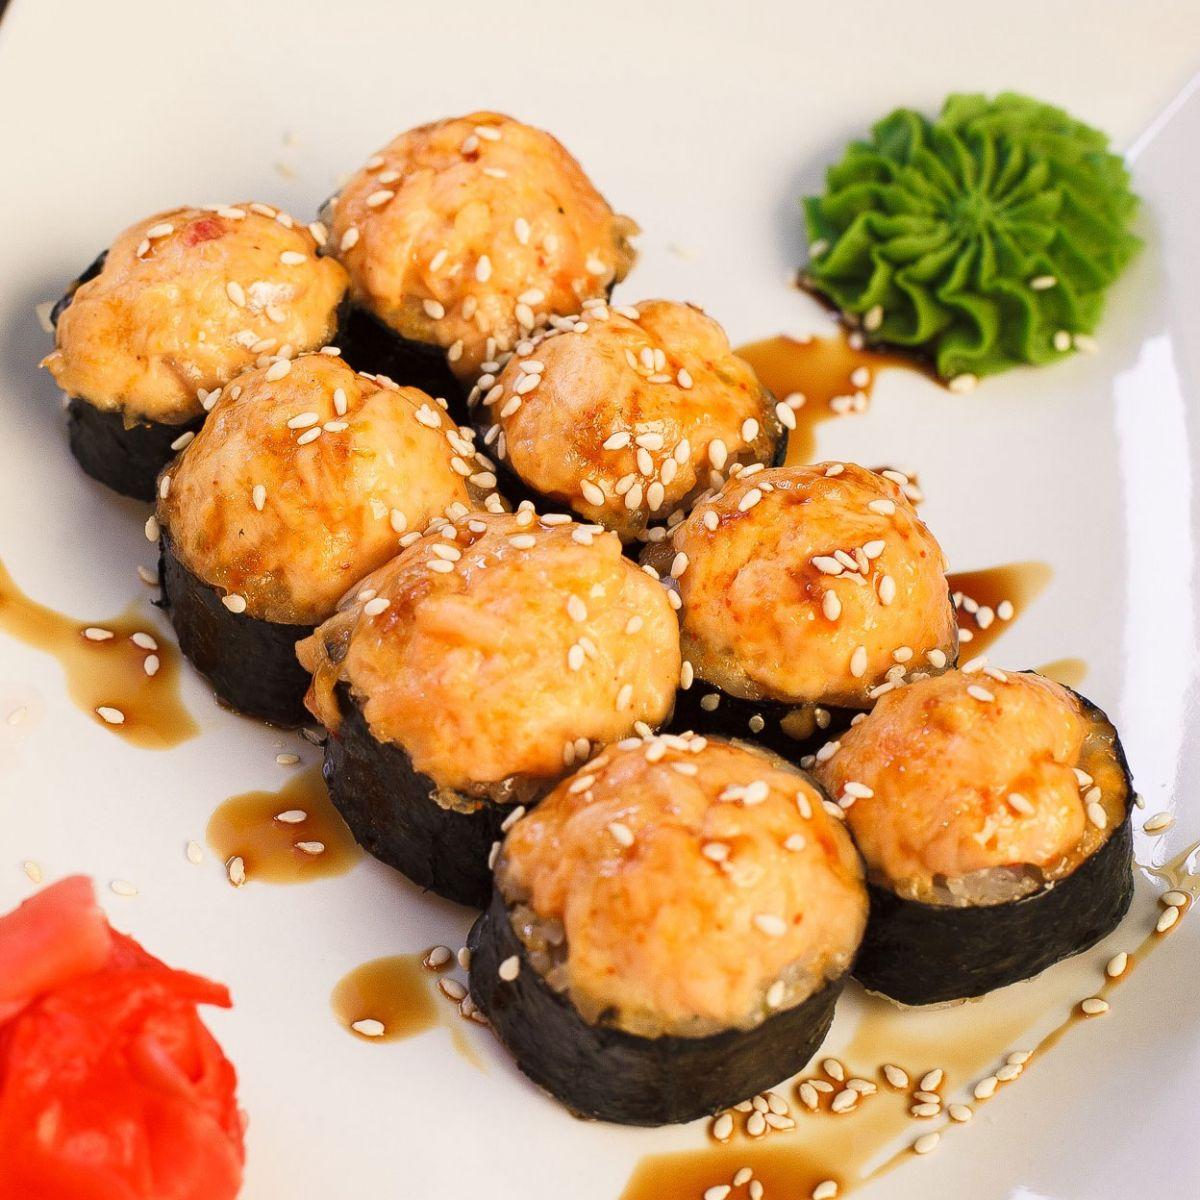 Как приготовить запечённые суши в домашних условиях 903